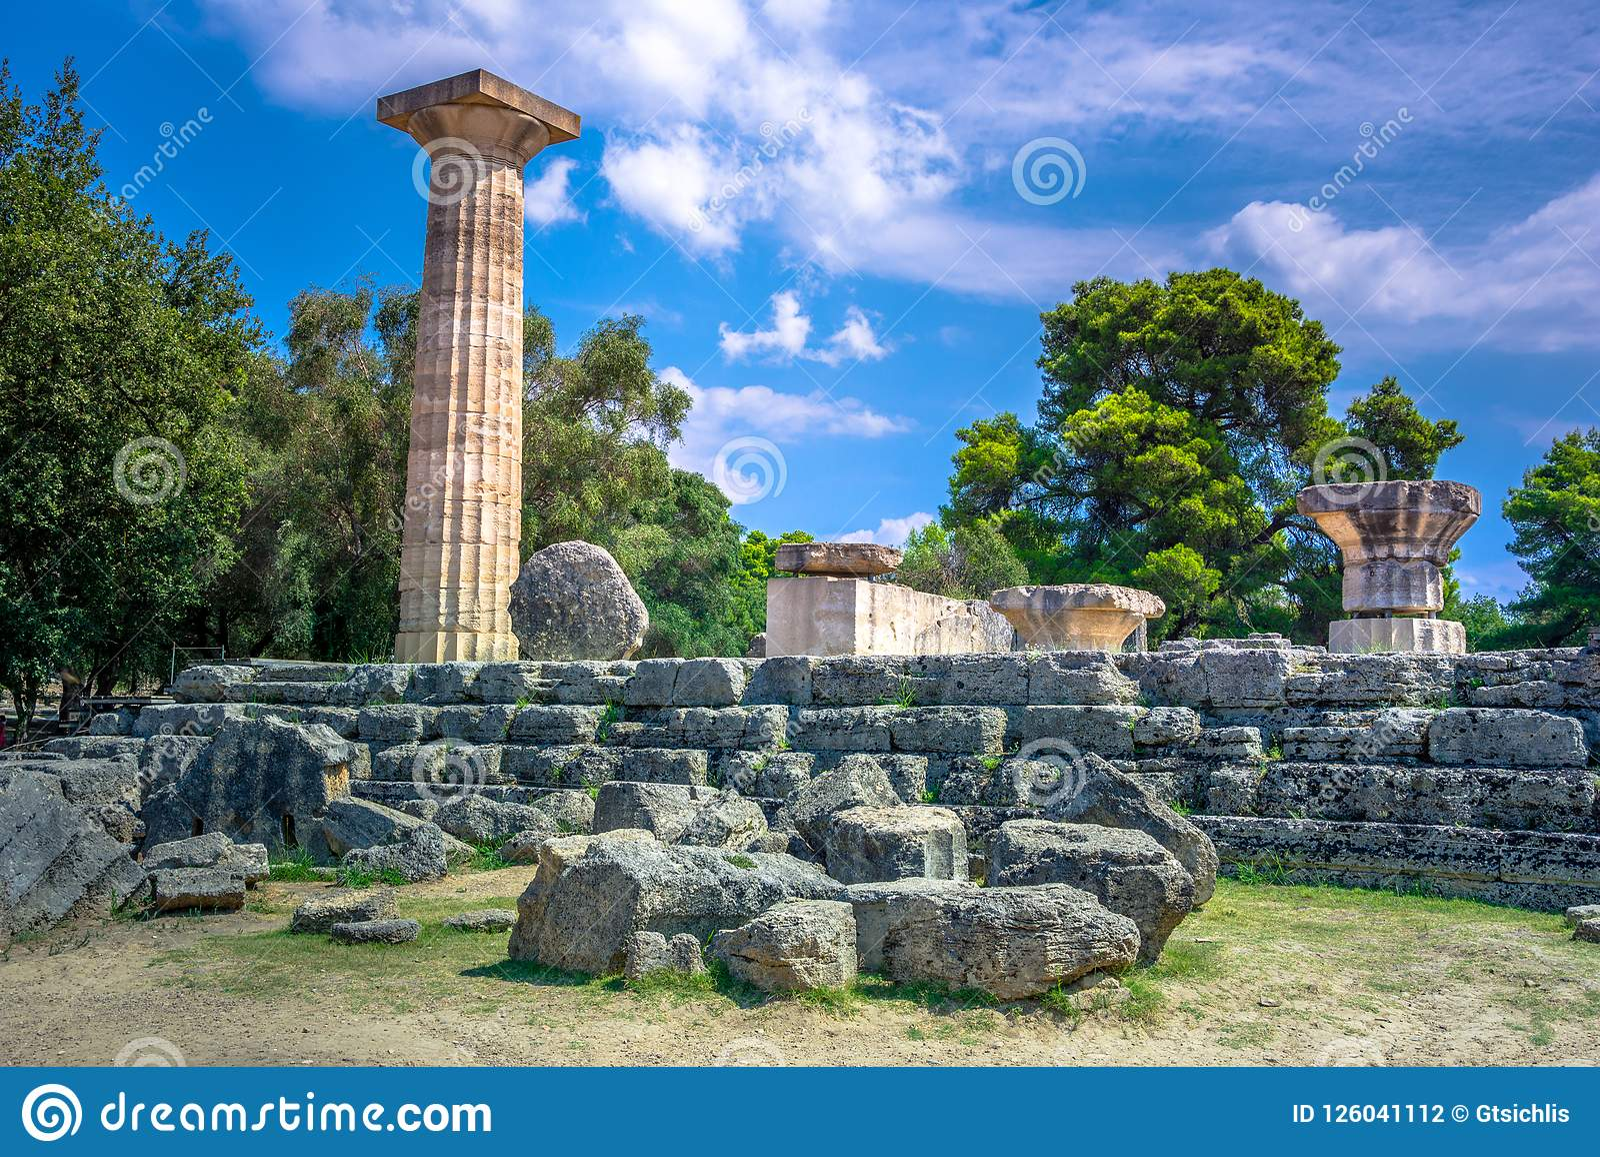 Ruiny antyczny olimpia, Grecja Tutaj bierze miejscu dotyka olimpijski płomień